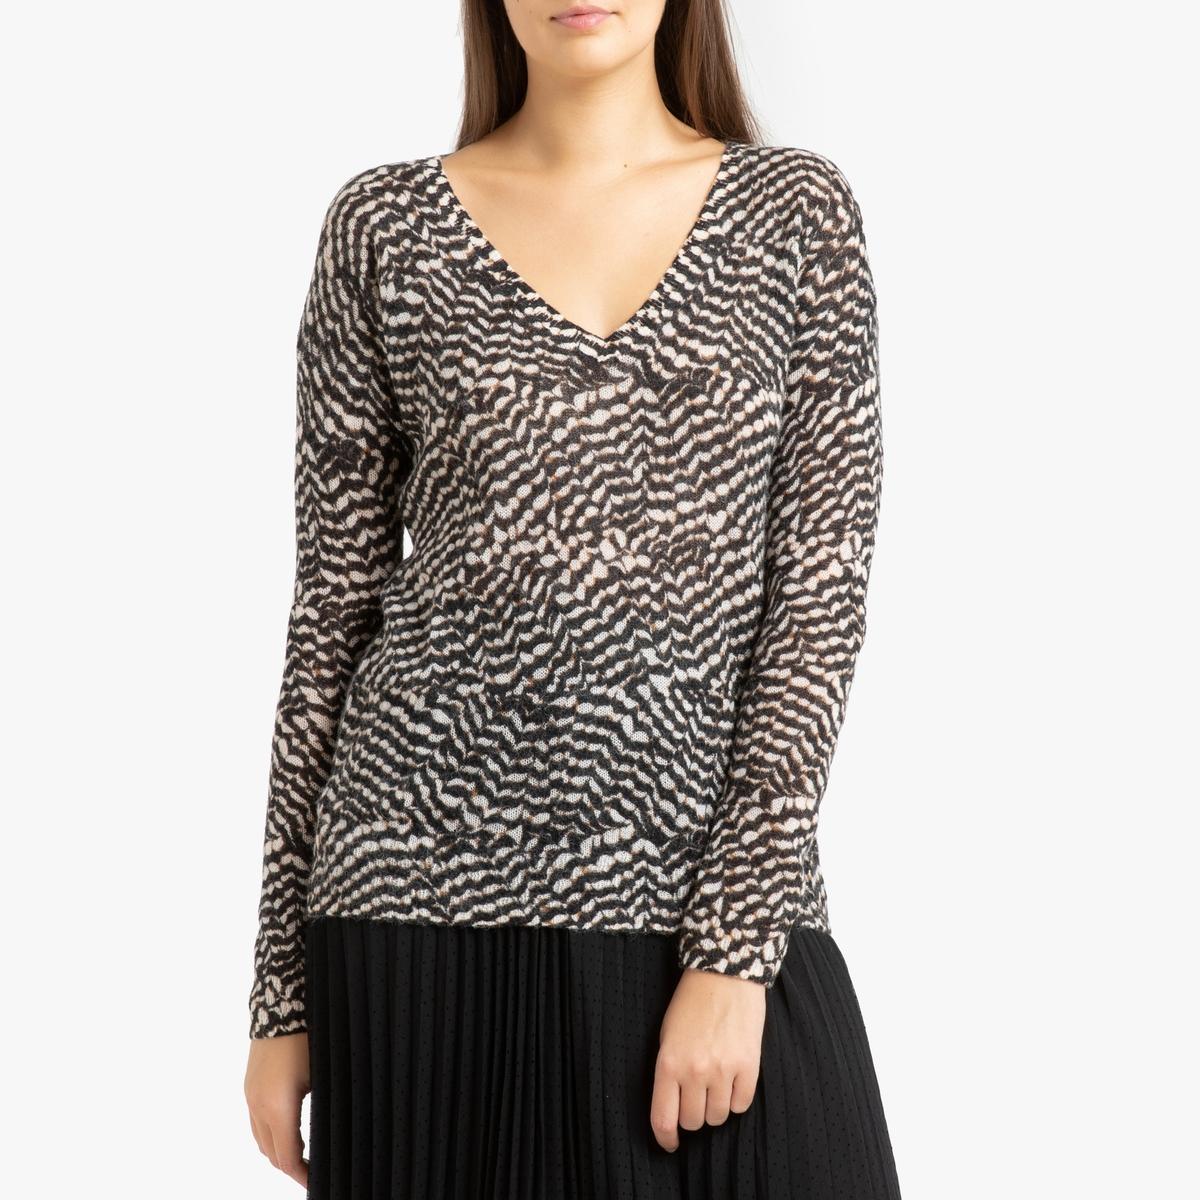 цена Пуловер La Redoute С v-образным вырезом из трикотажа с принтом M разноцветный онлайн в 2017 году